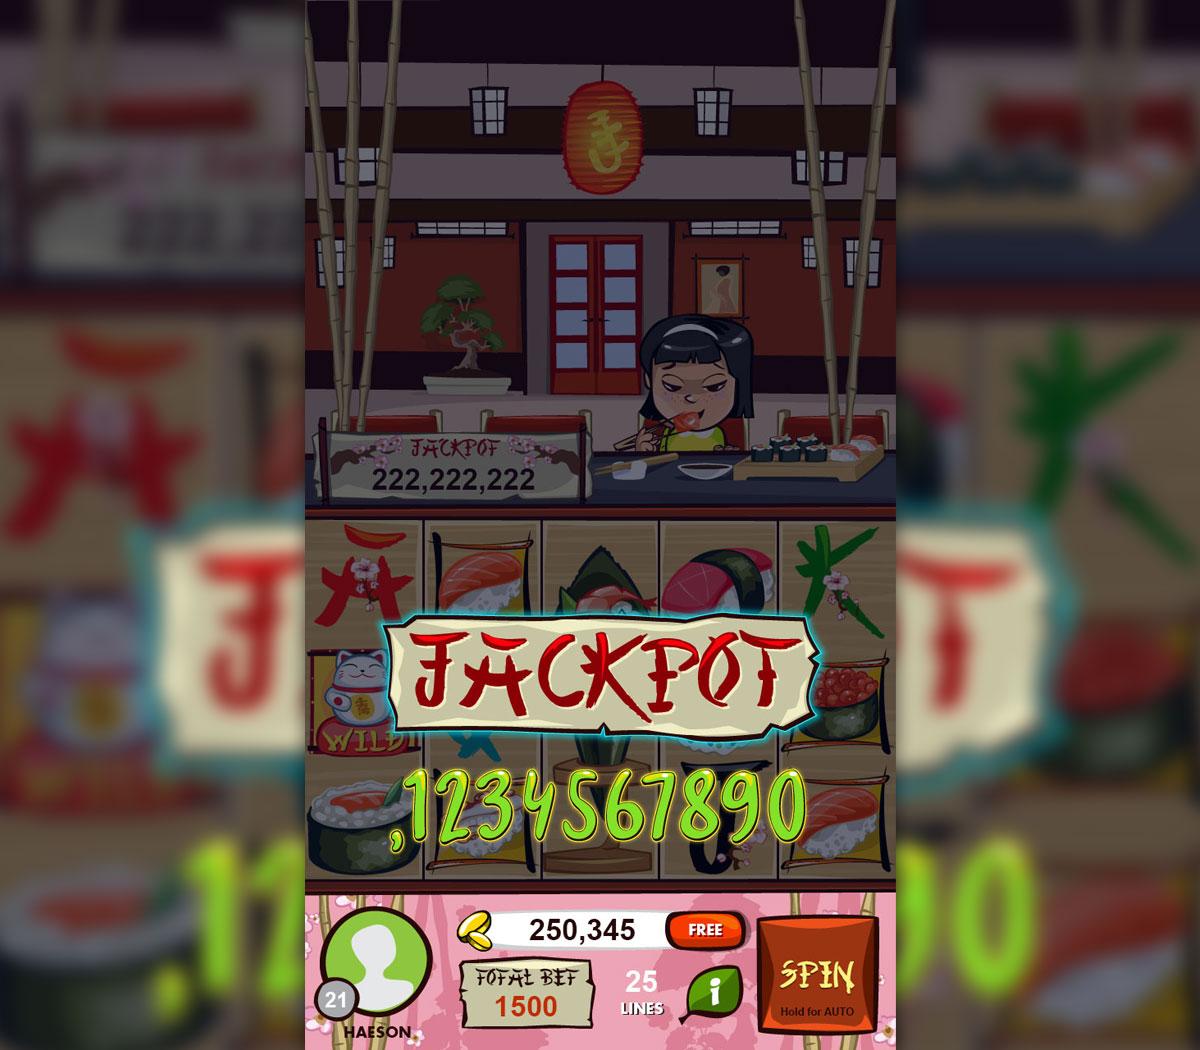 sushi_party_blog_jackpot